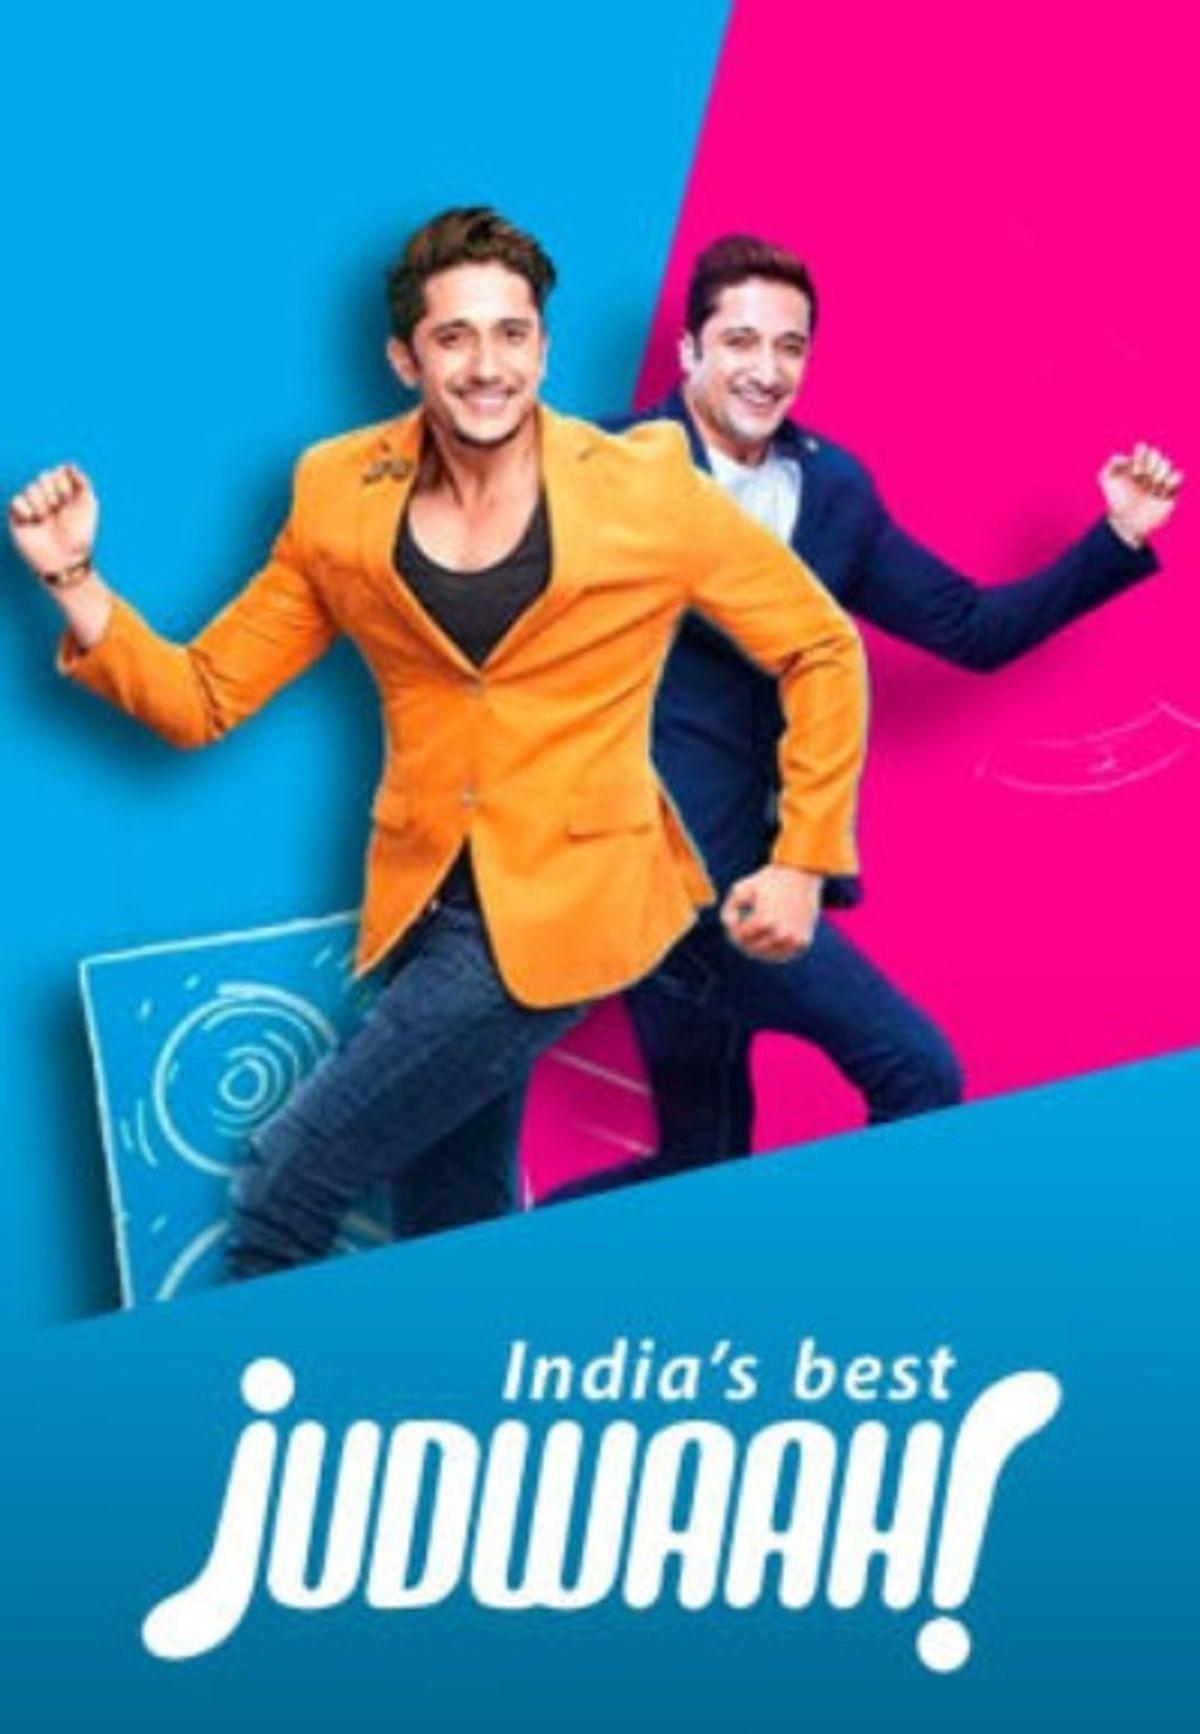 Indias Best Judwaah